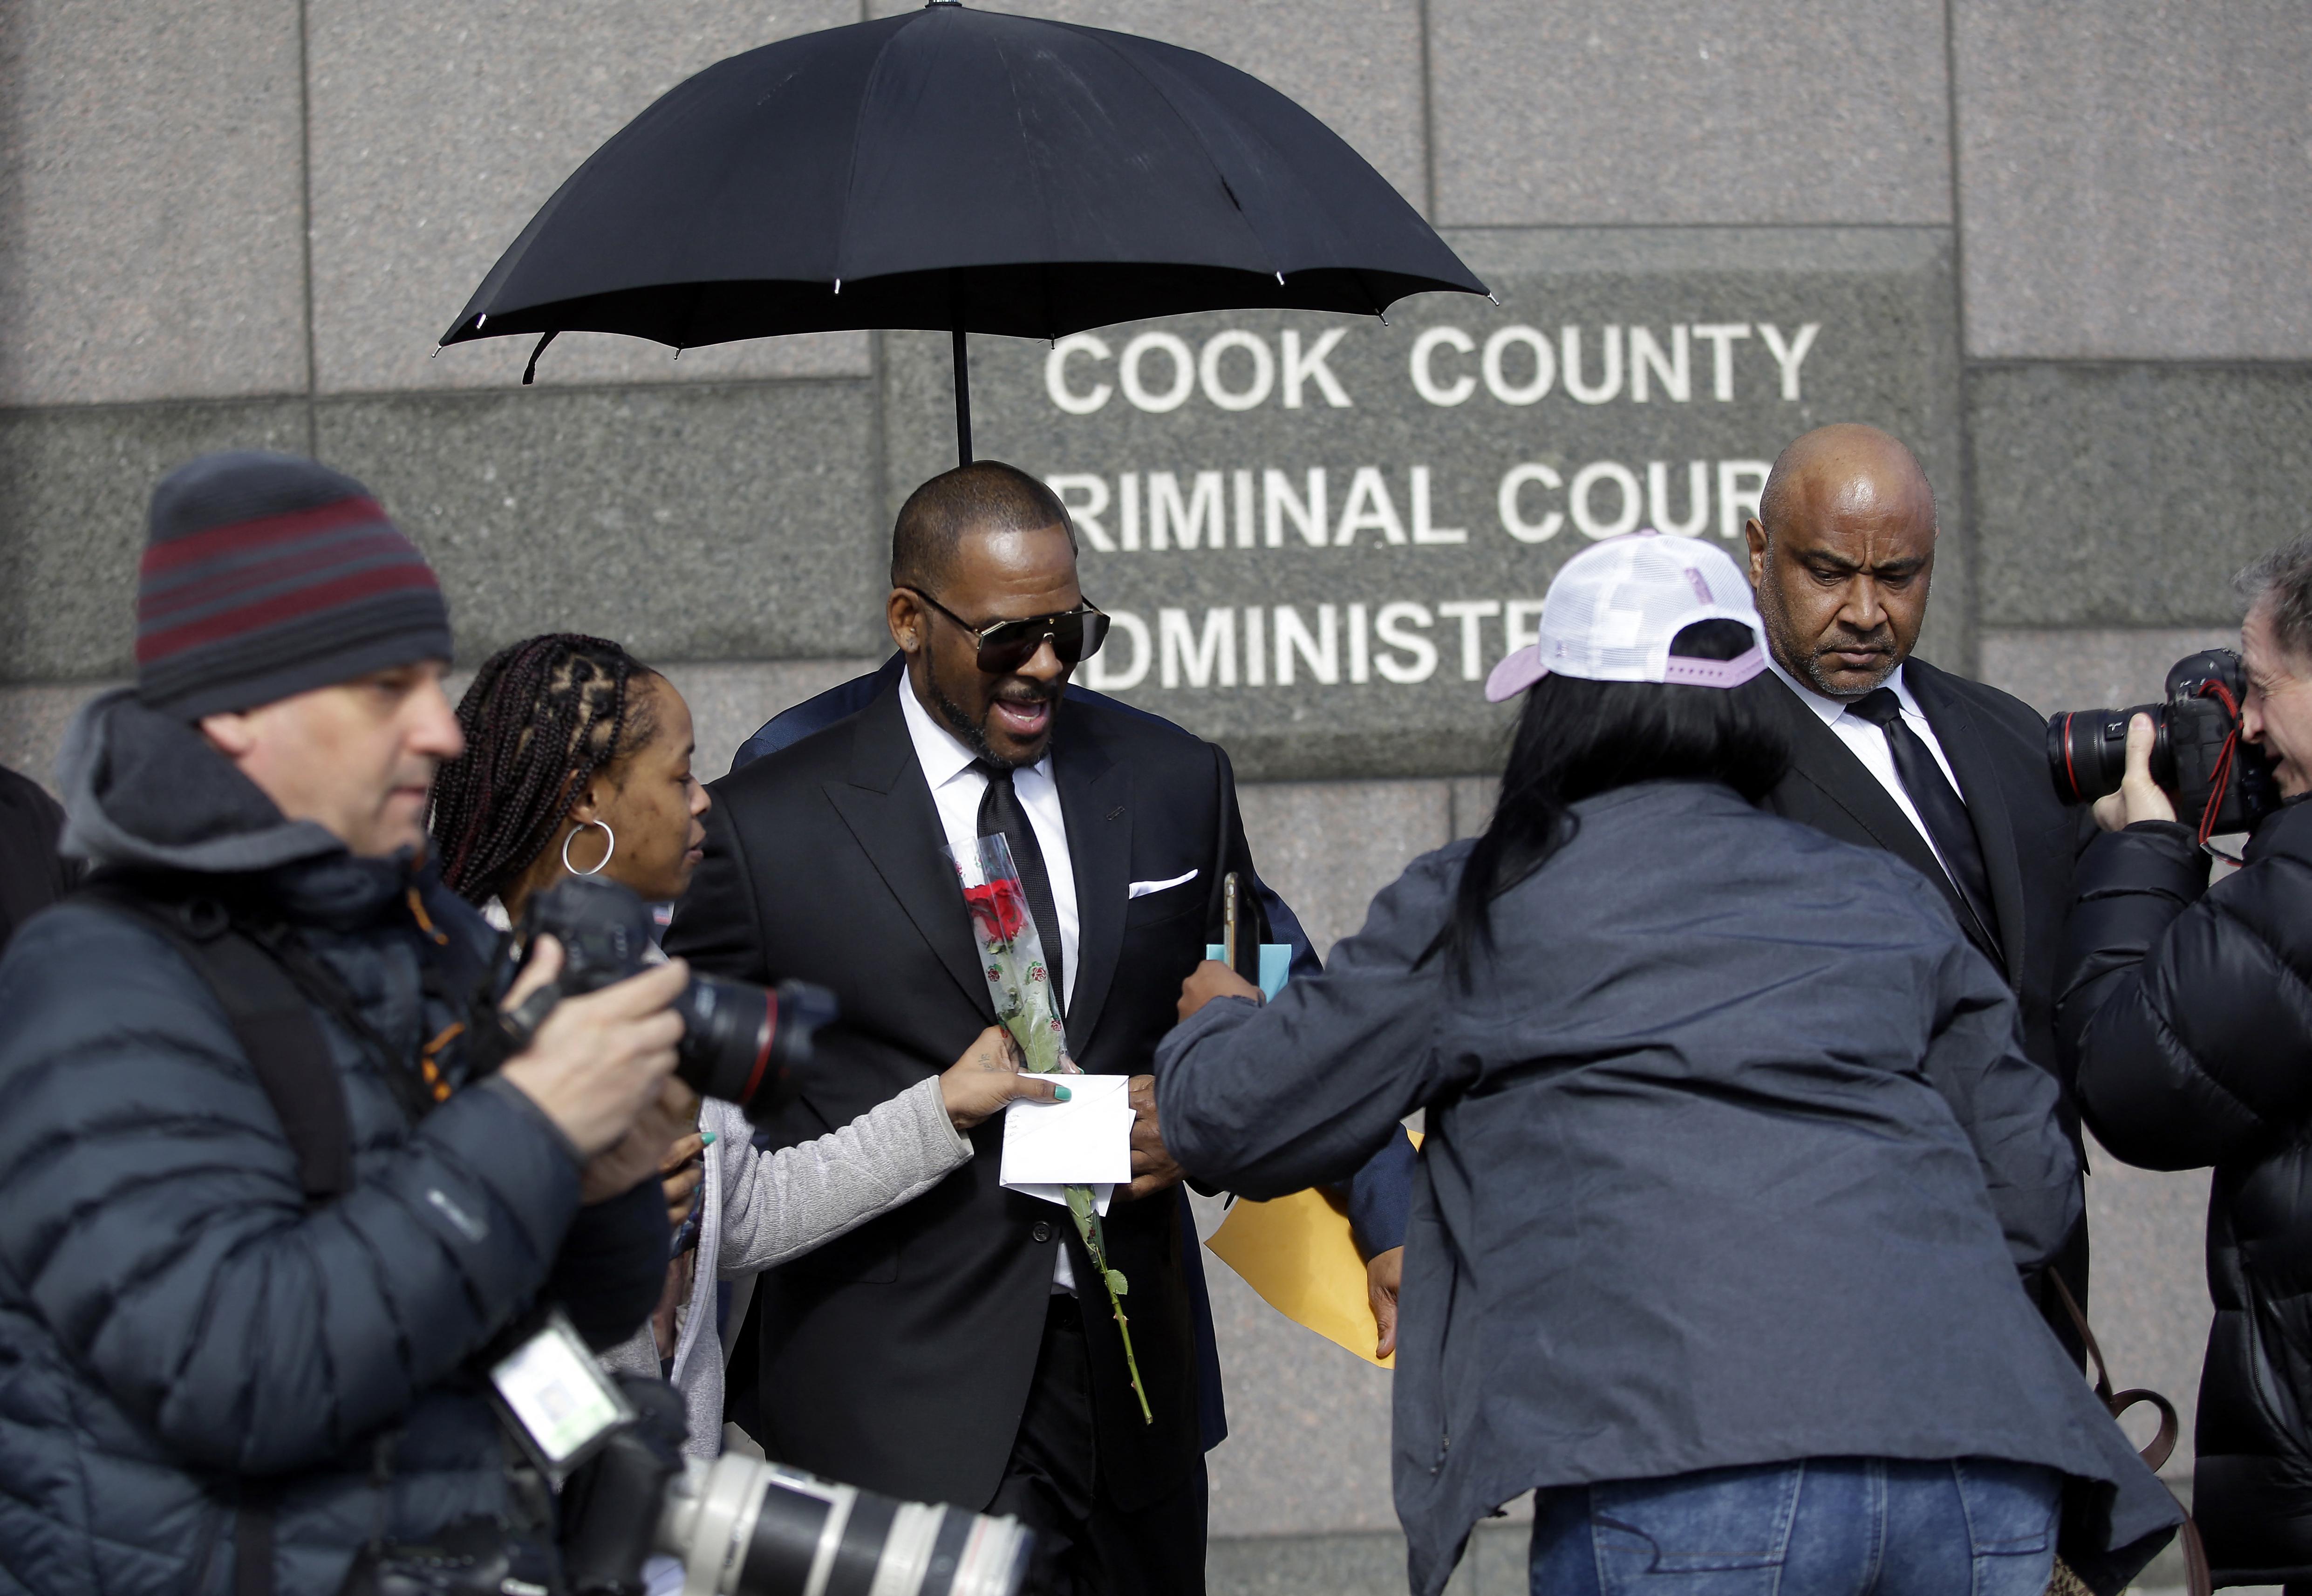 Tanúvallomást tett R Kelly ellen egy férfi is, aki szerint az énekes hírnevet ígért neki szexért cserébe